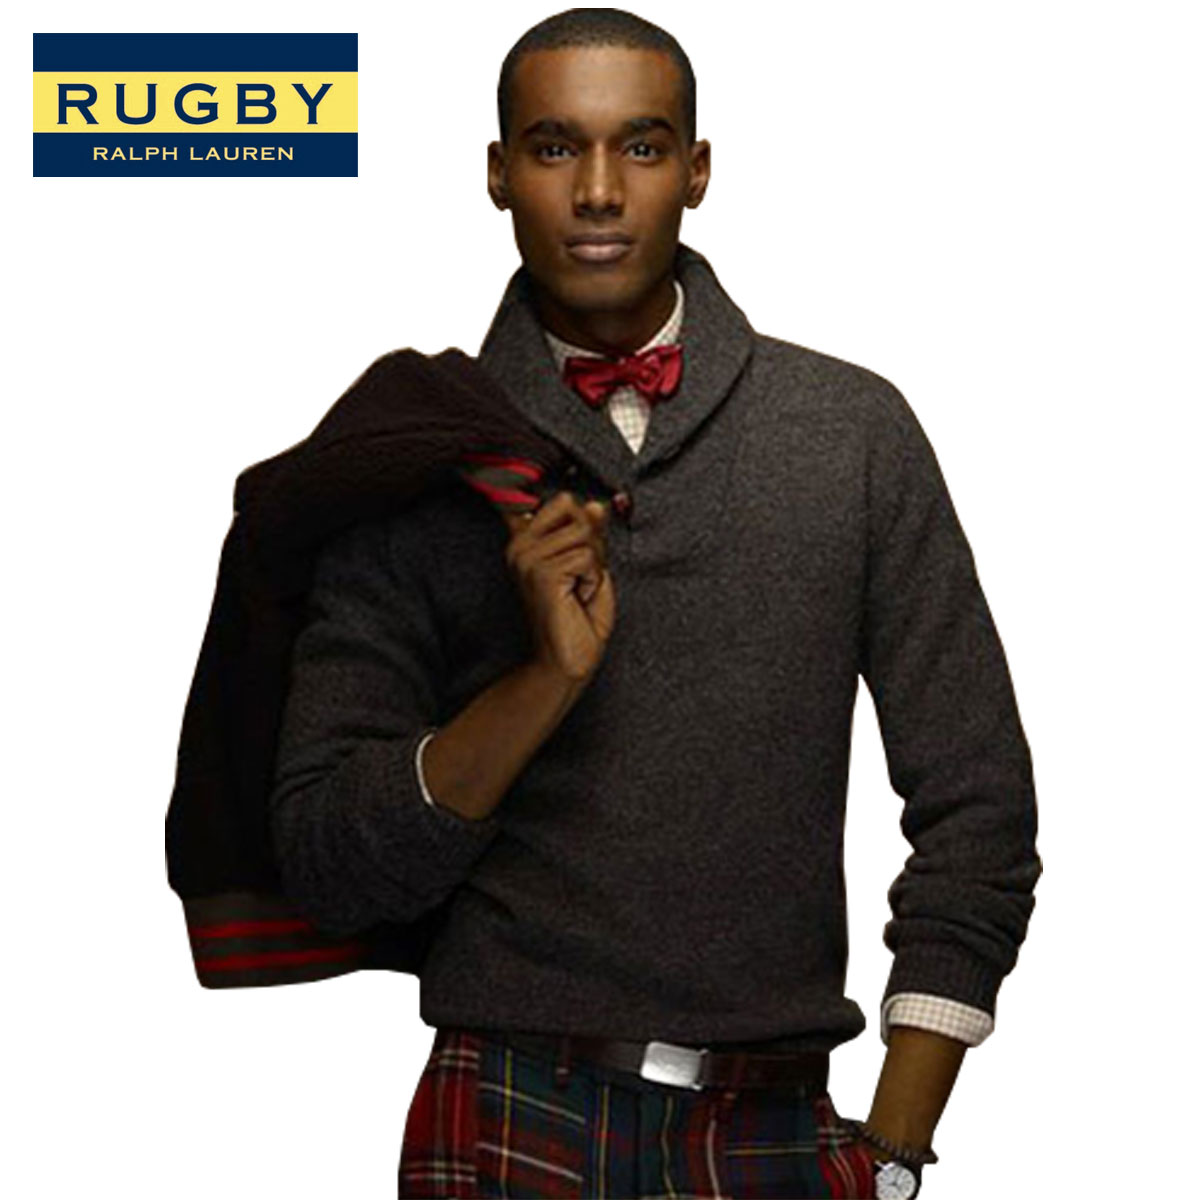 【販売期間 4/2 10:00~4/8 09:59】 ラルフローレン ラグビー RUGBY RALPH LAUREN 正規品 メンズ ショールプルオーバー Shawl Pullover CHARCOAL D20S30